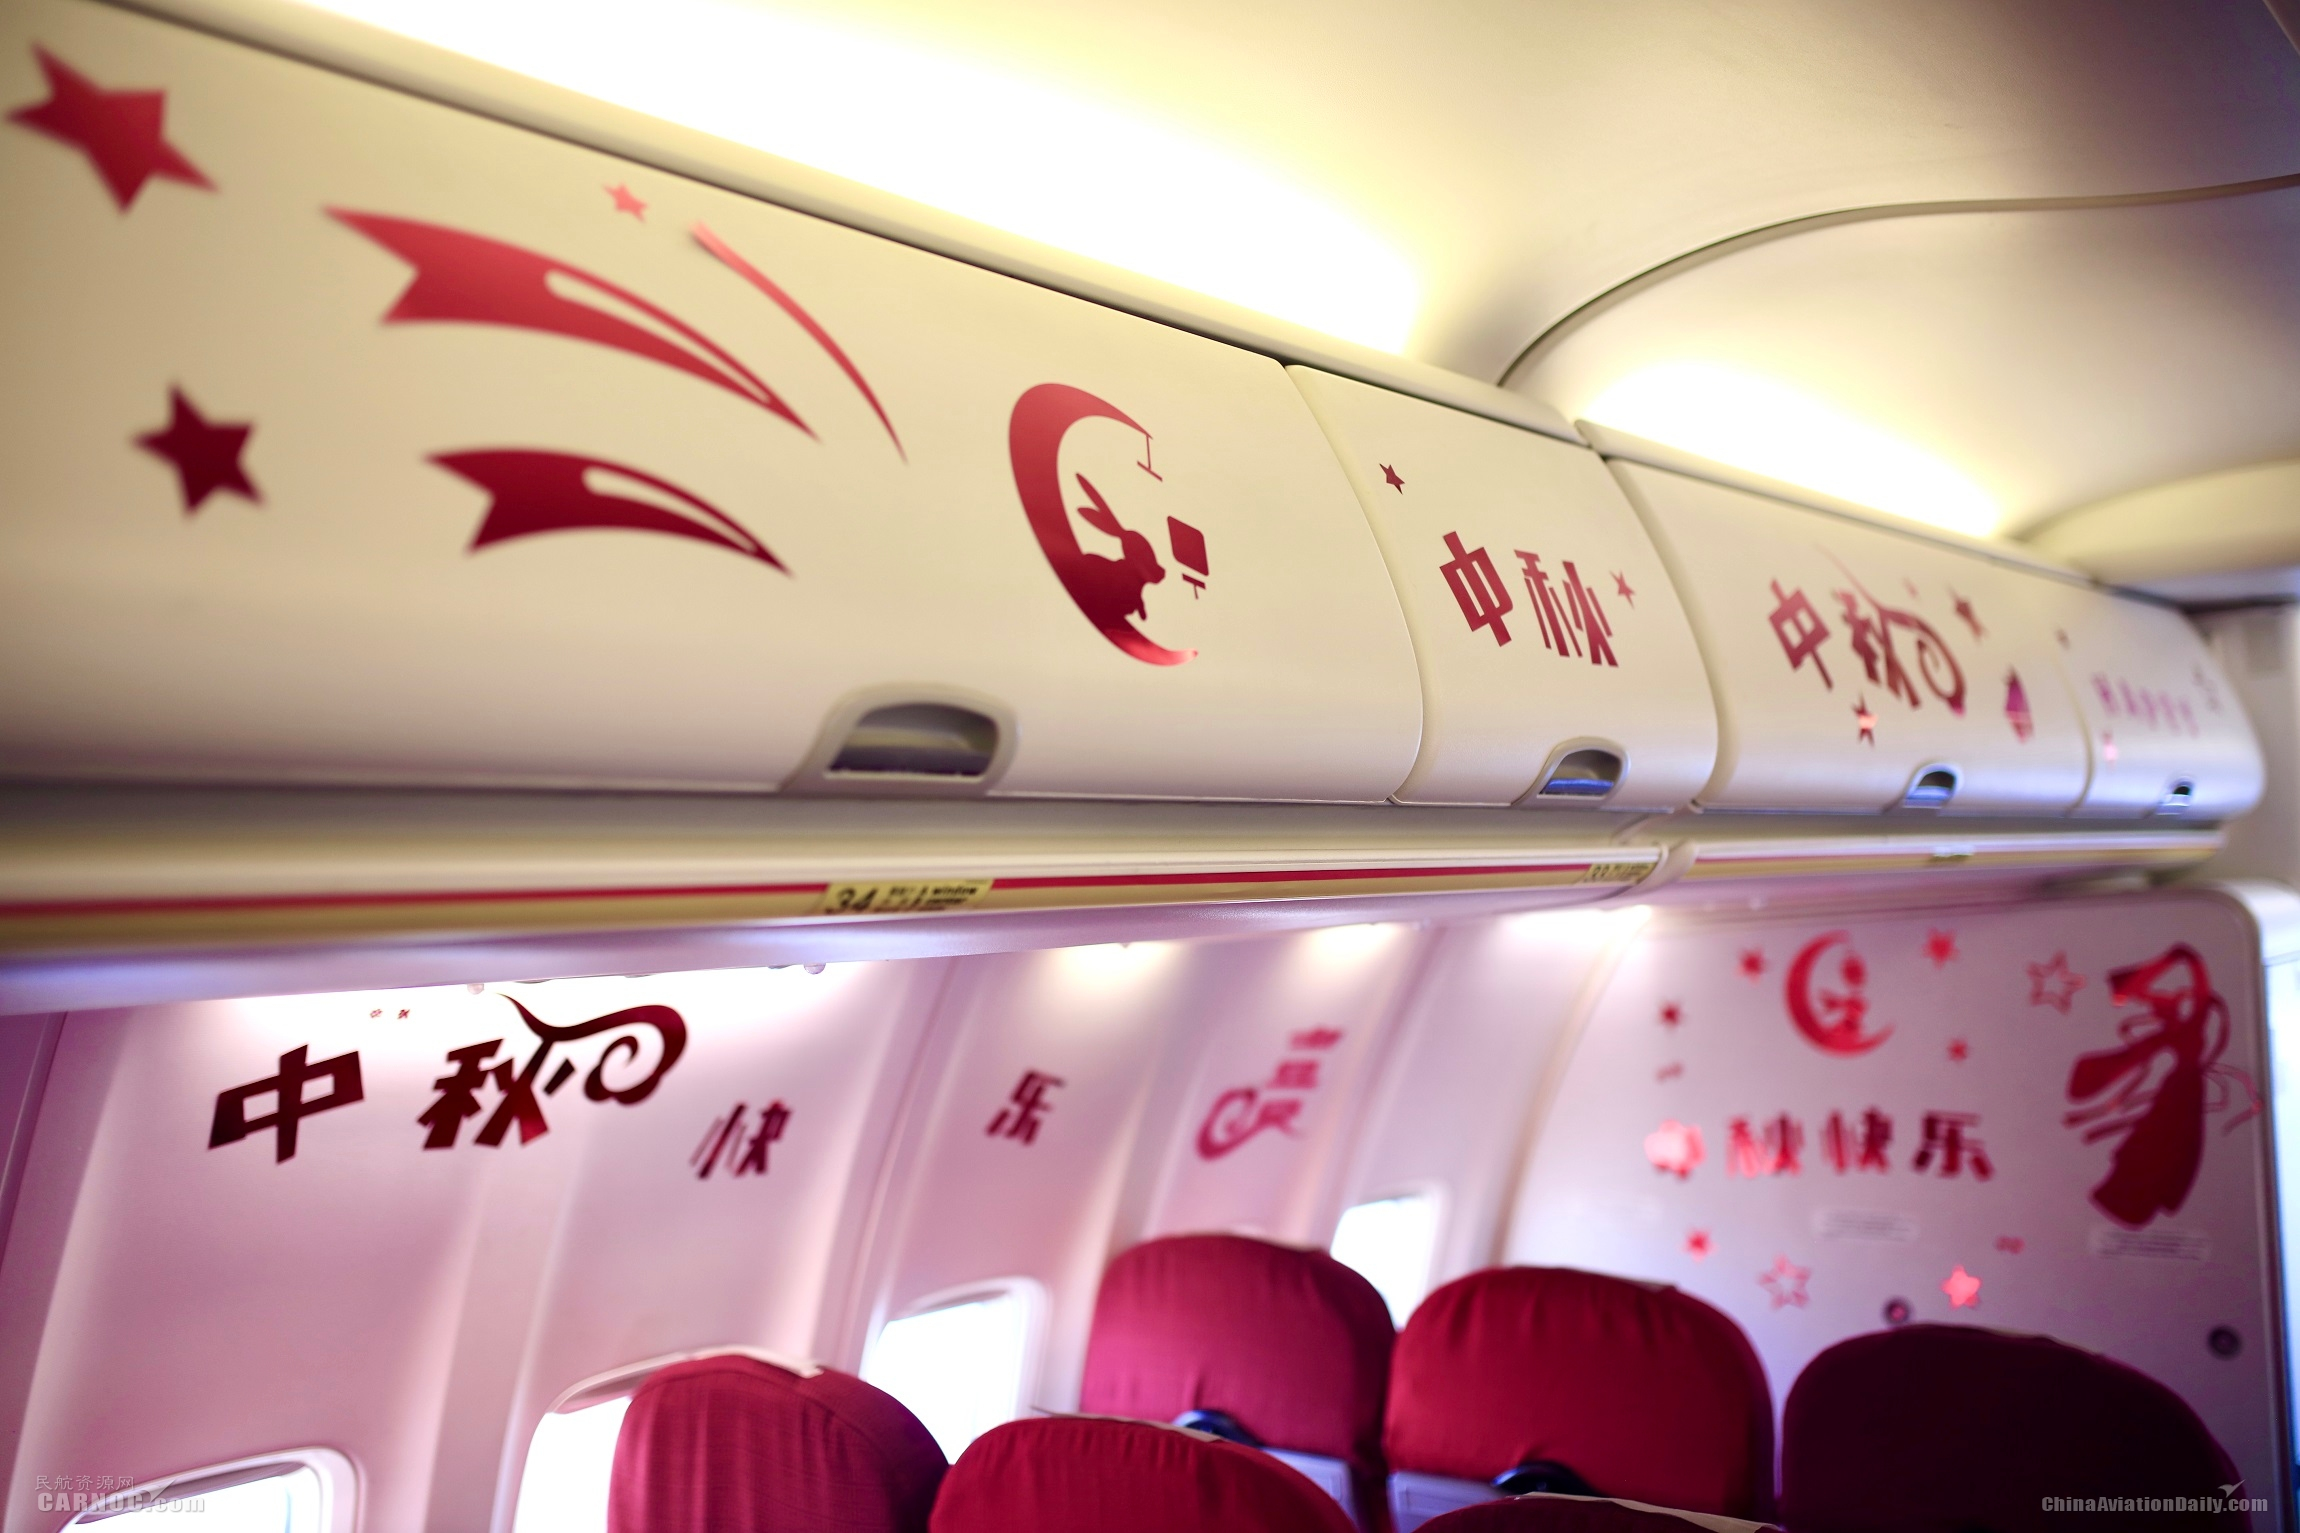 千里共婵娟,海南航空与旅客在云端共庆佳节